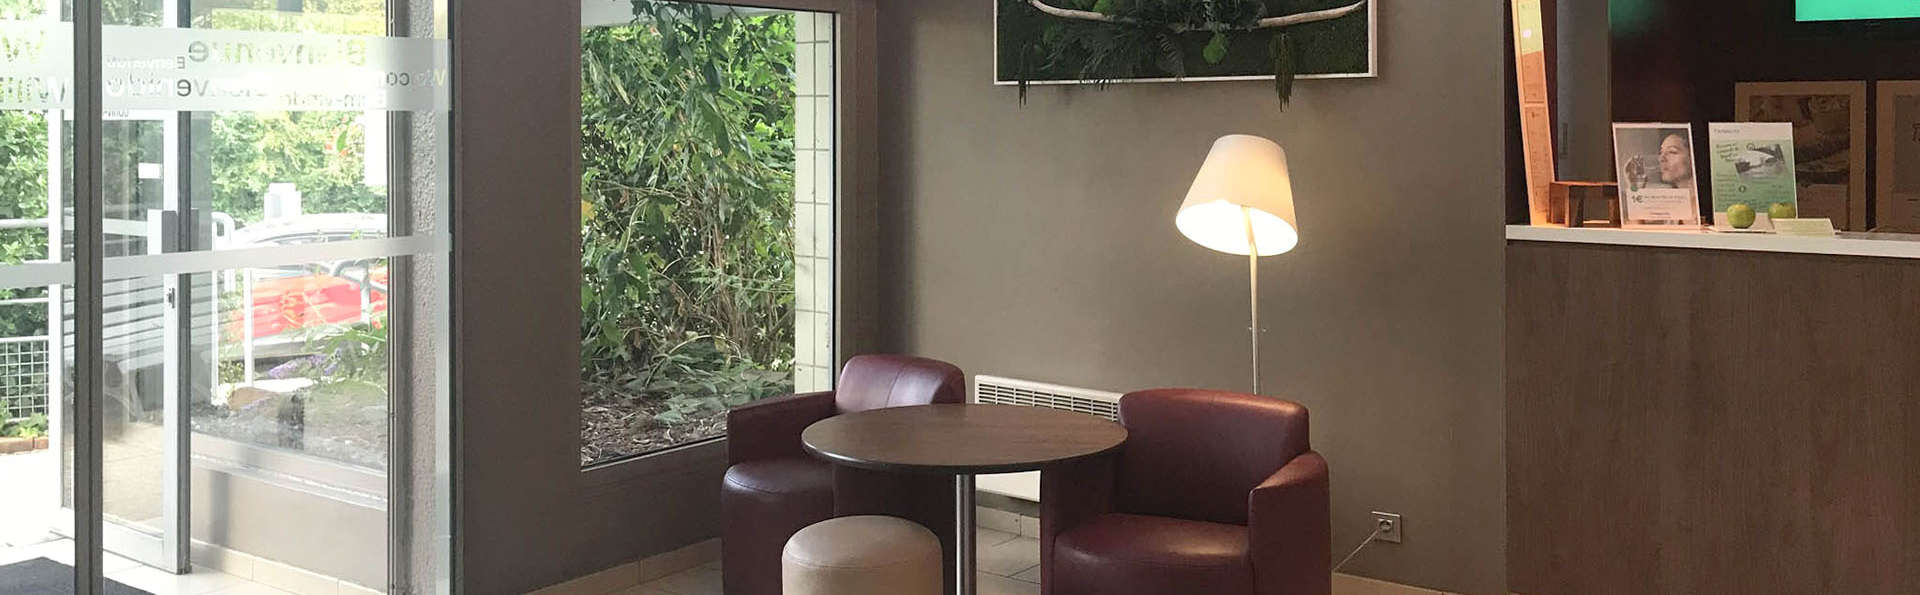 Hôtel Campanile Nogent-sur-Marne - EDIT_LOUNGE_01.jpg